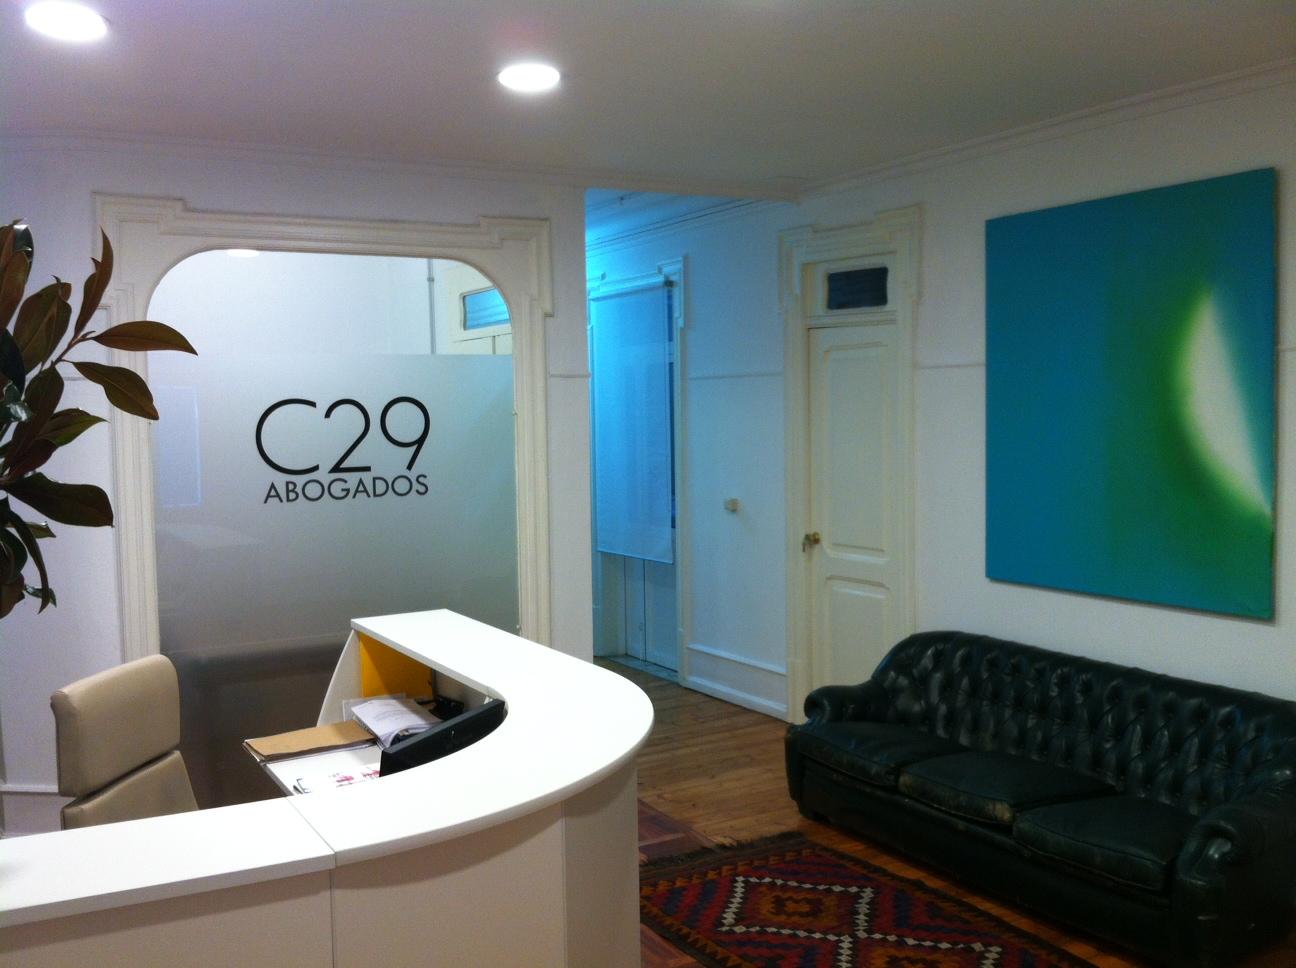 Despacho Abogados C29 - Vigo